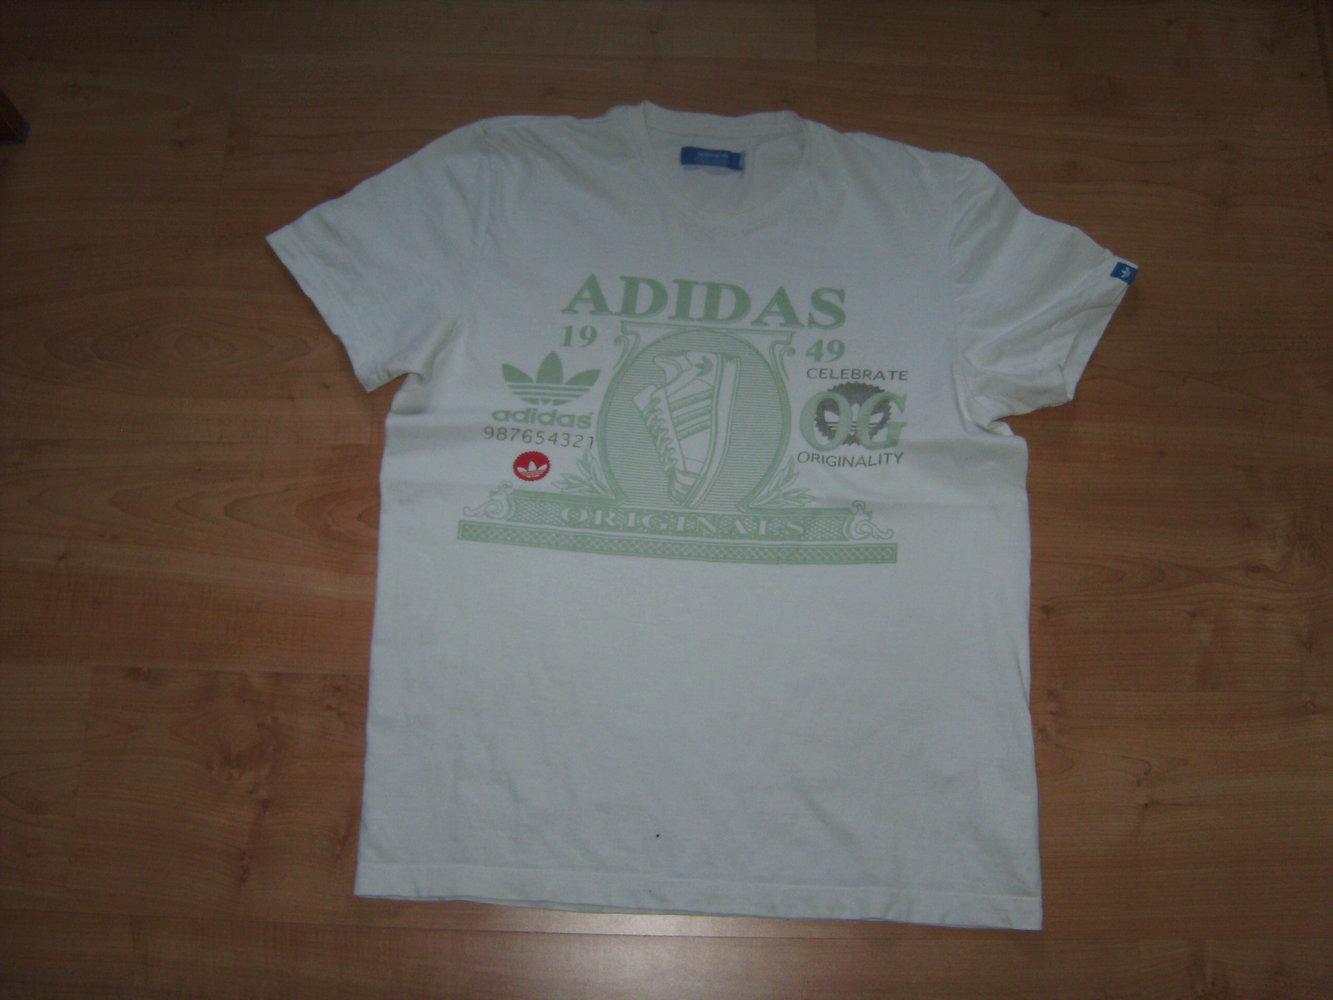 Adidas, Sportiv, Gr. L, Kurzarm T shirt Herren zu Verschenken an Sammelbesteller